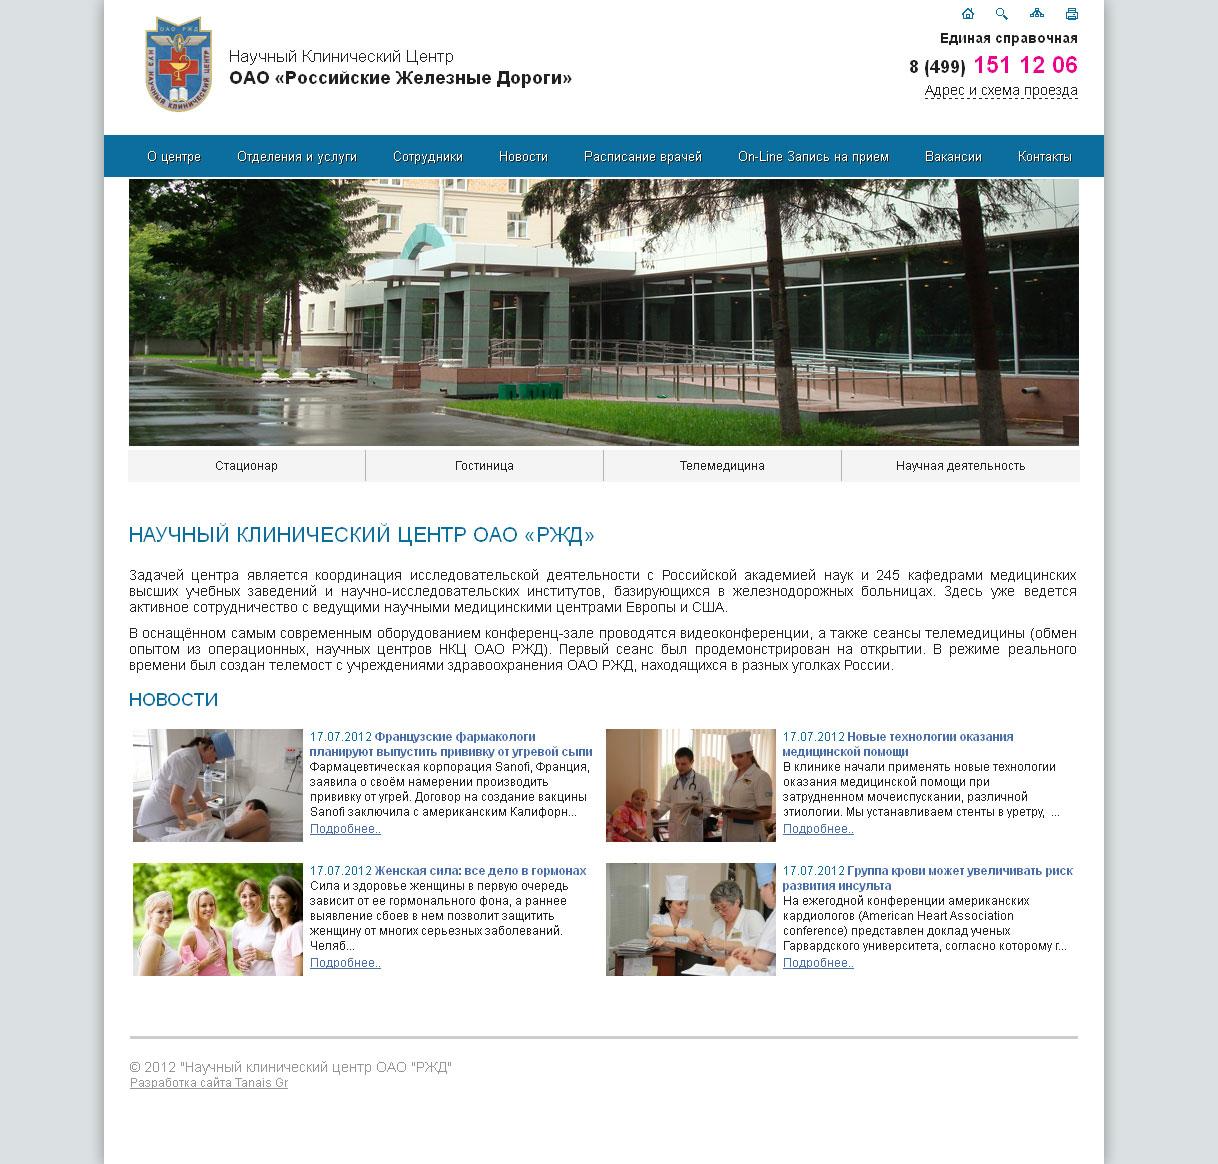 Научный клинический центр ОАО «РЖД»